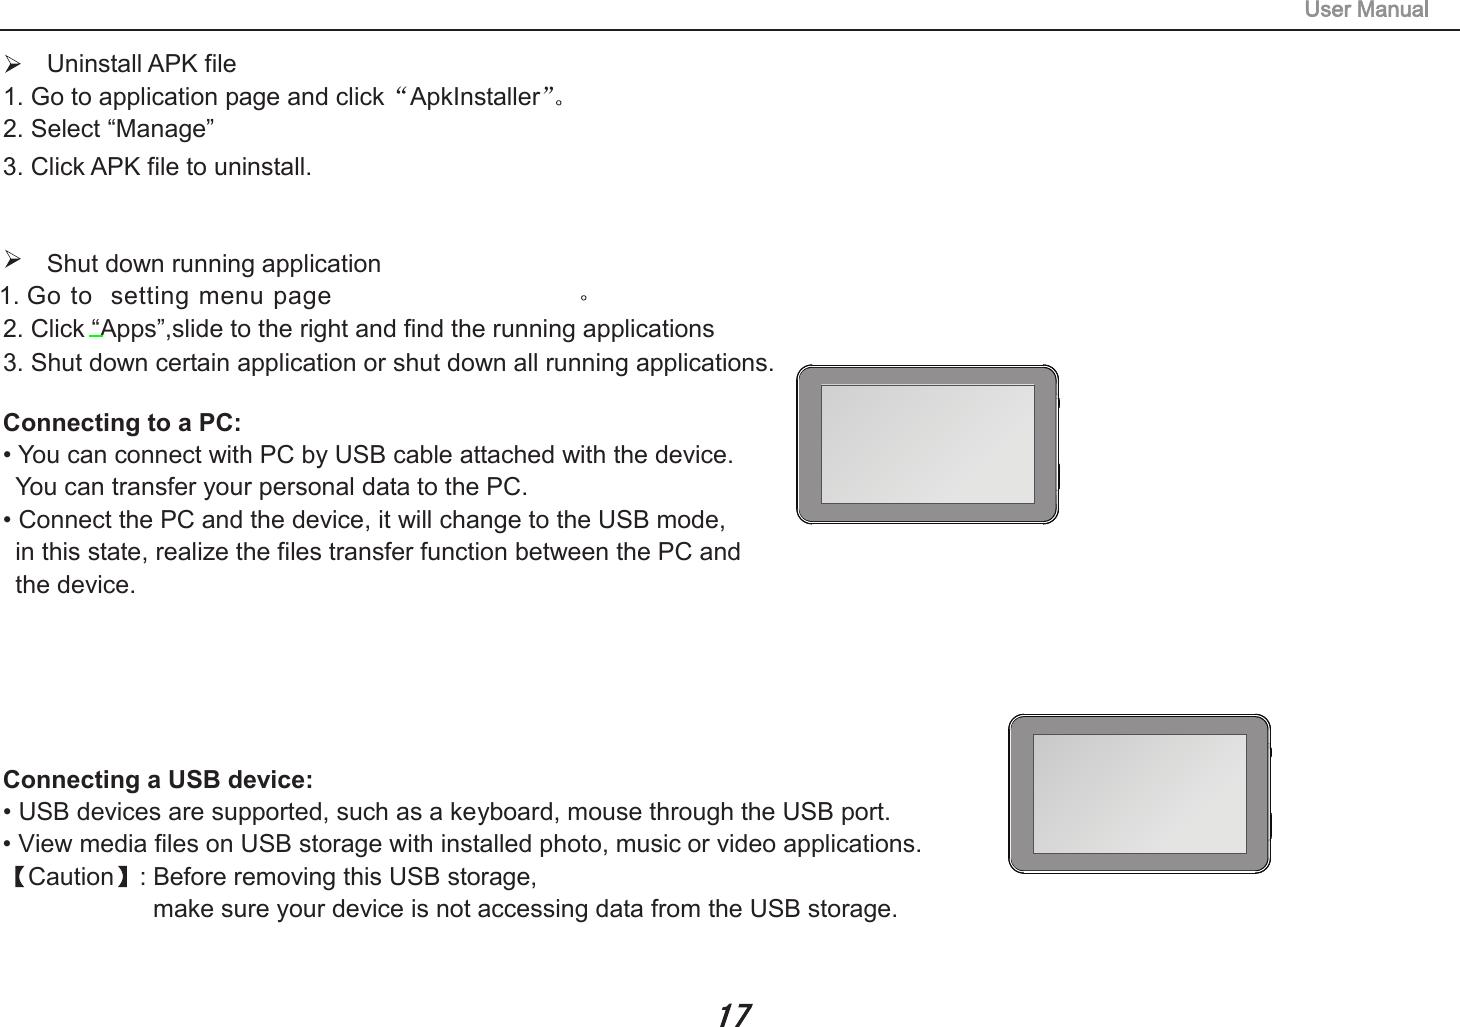 Proscan PLT7650G (512 8GB) User Manual PRO EN